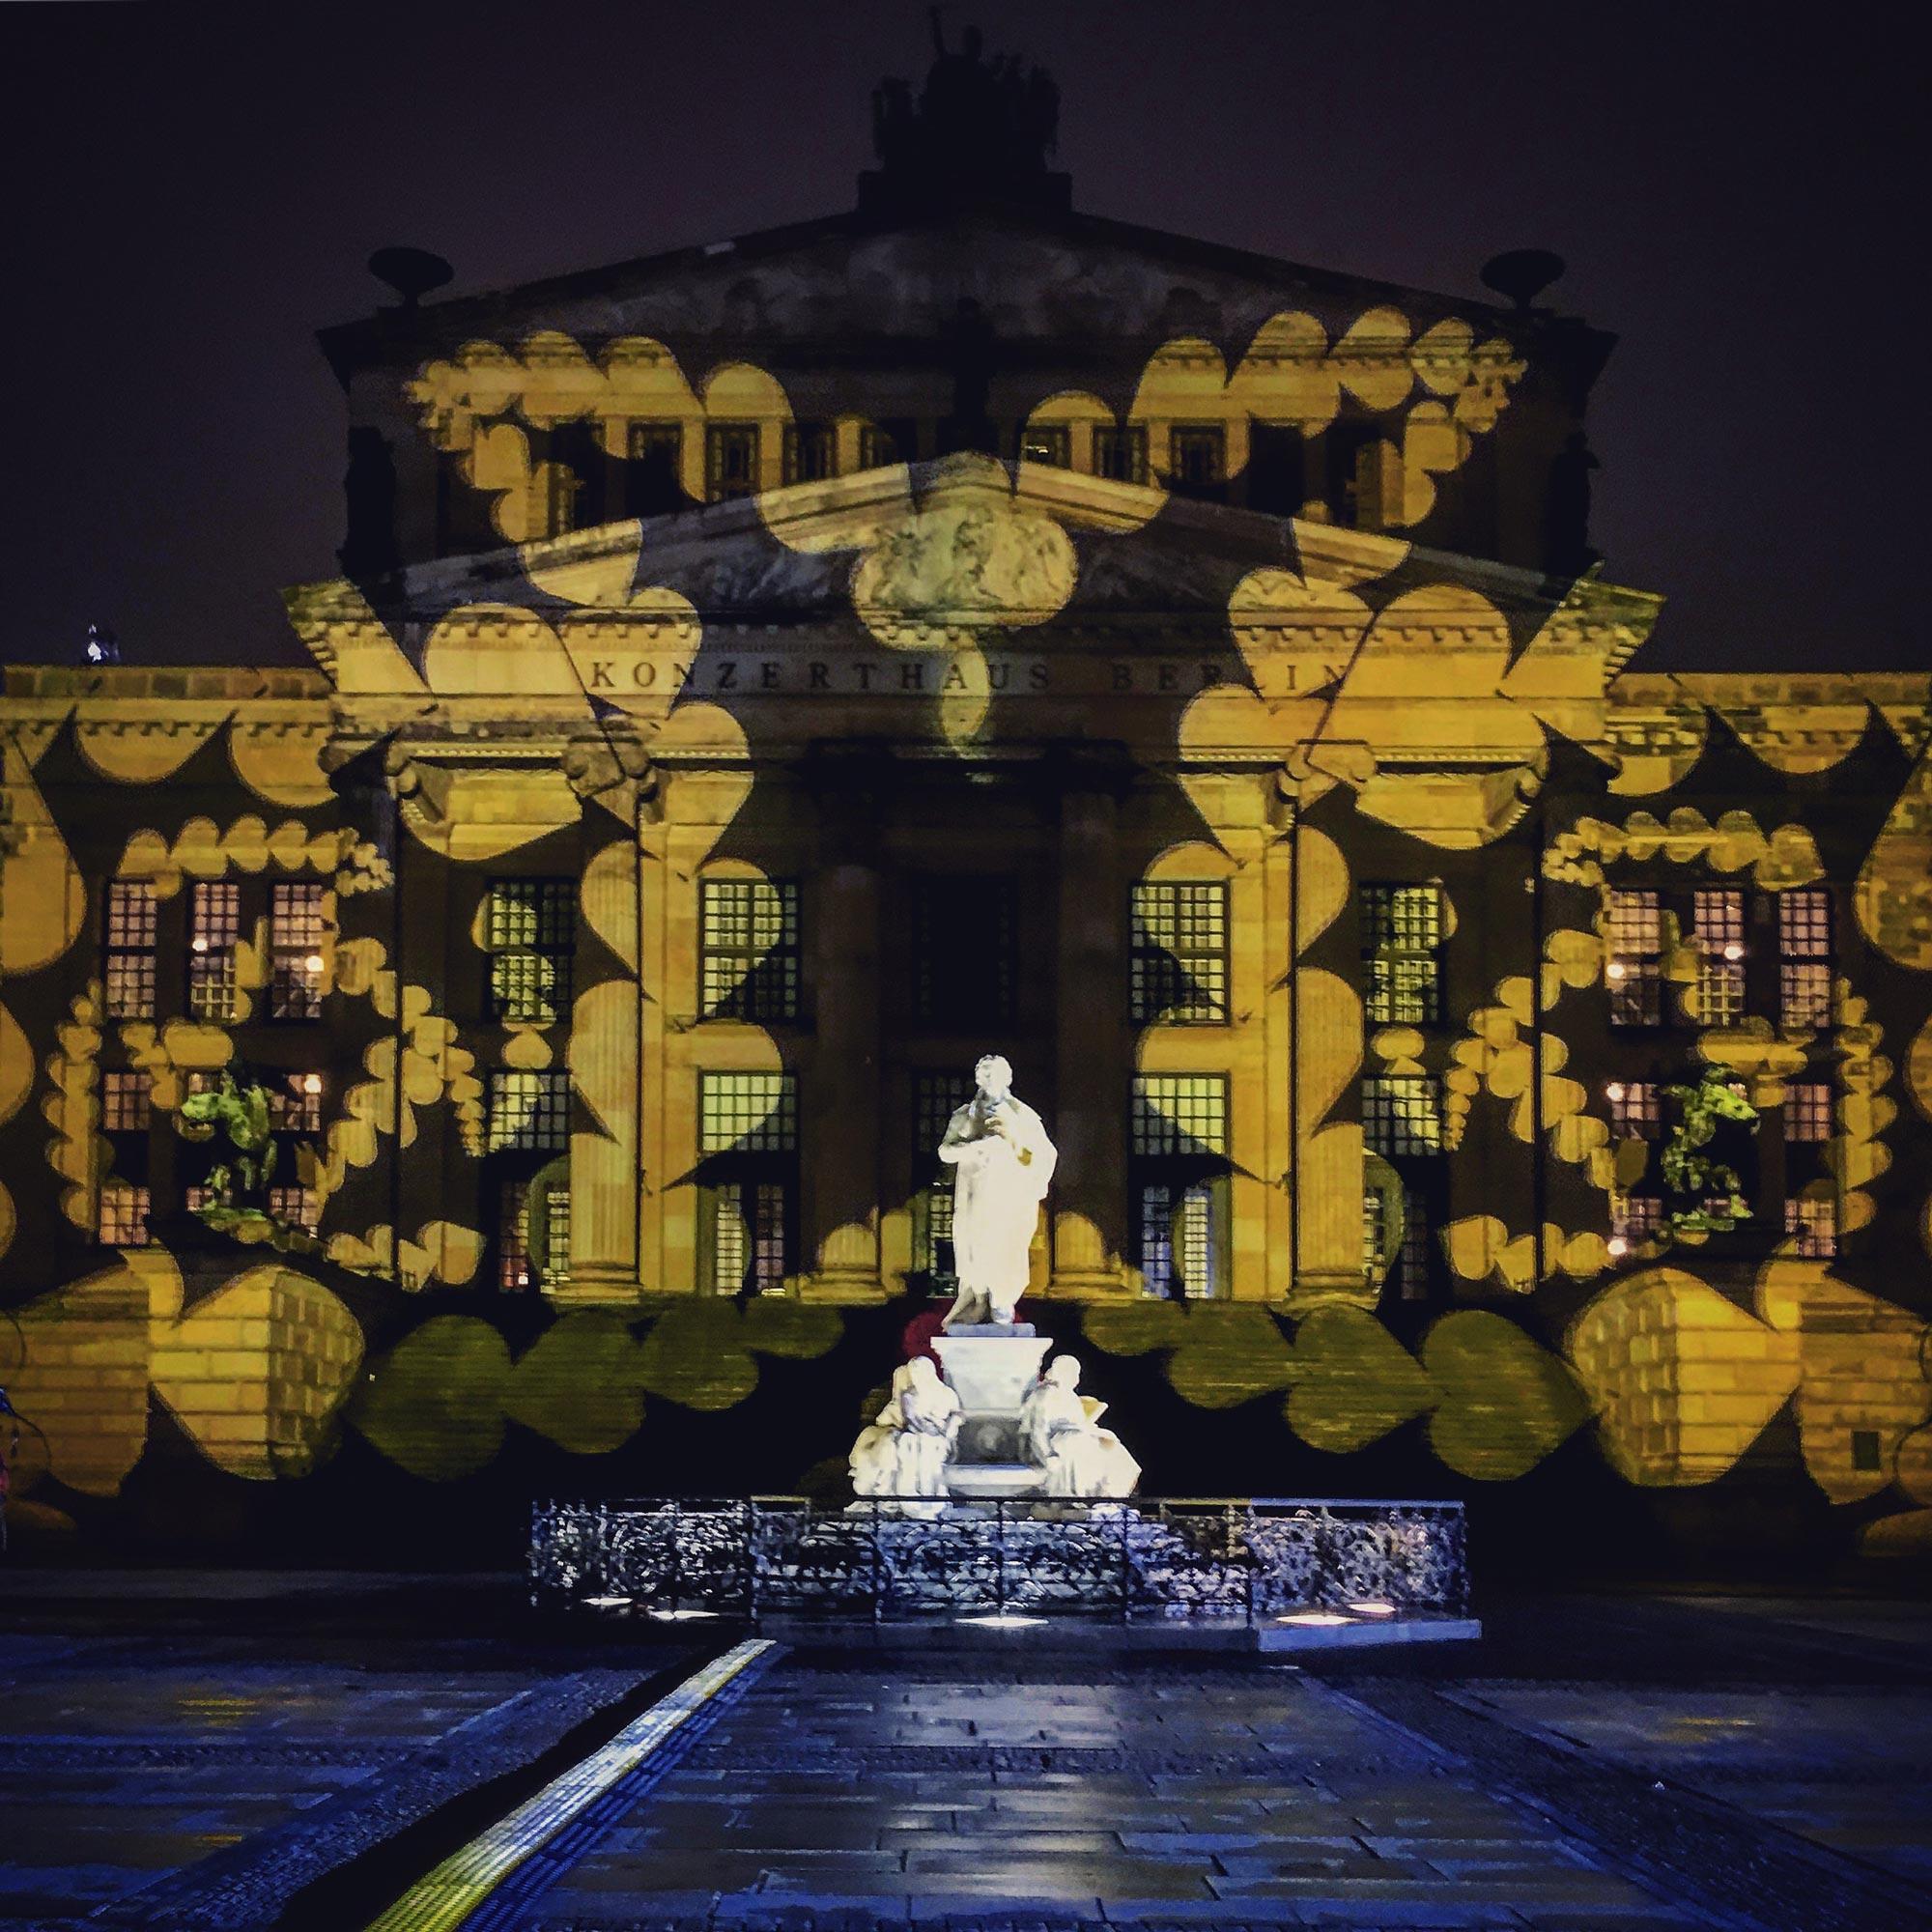 Festival of Lights Gendarmenmarkt B